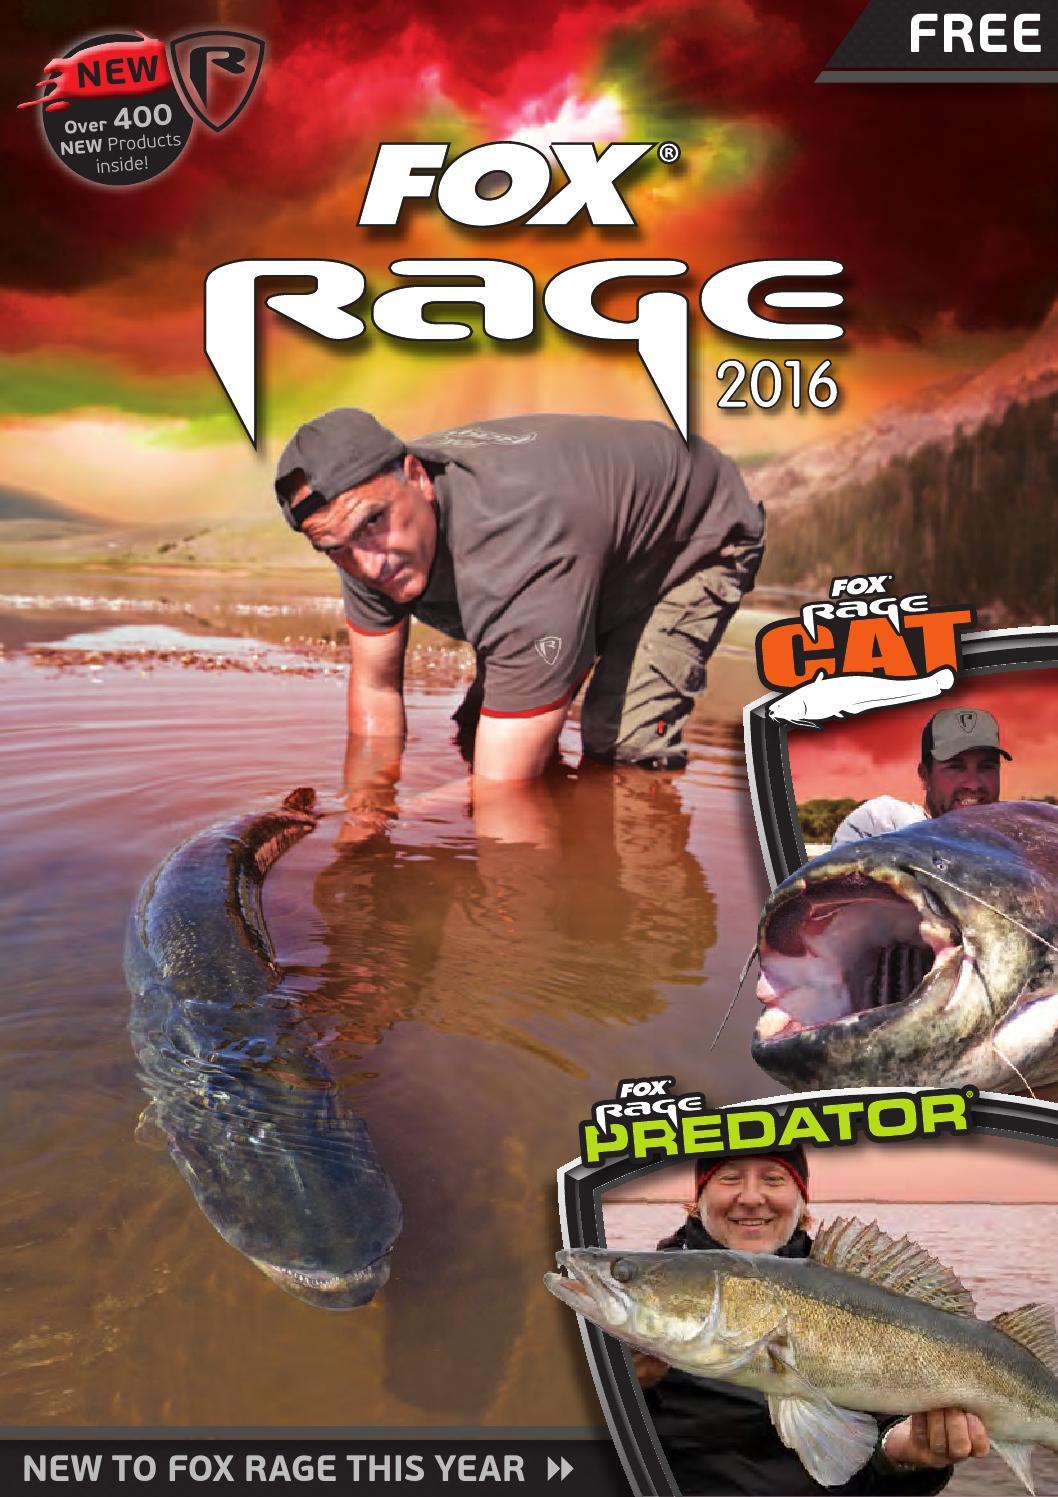 Fox Rage Tungsten Bead Black